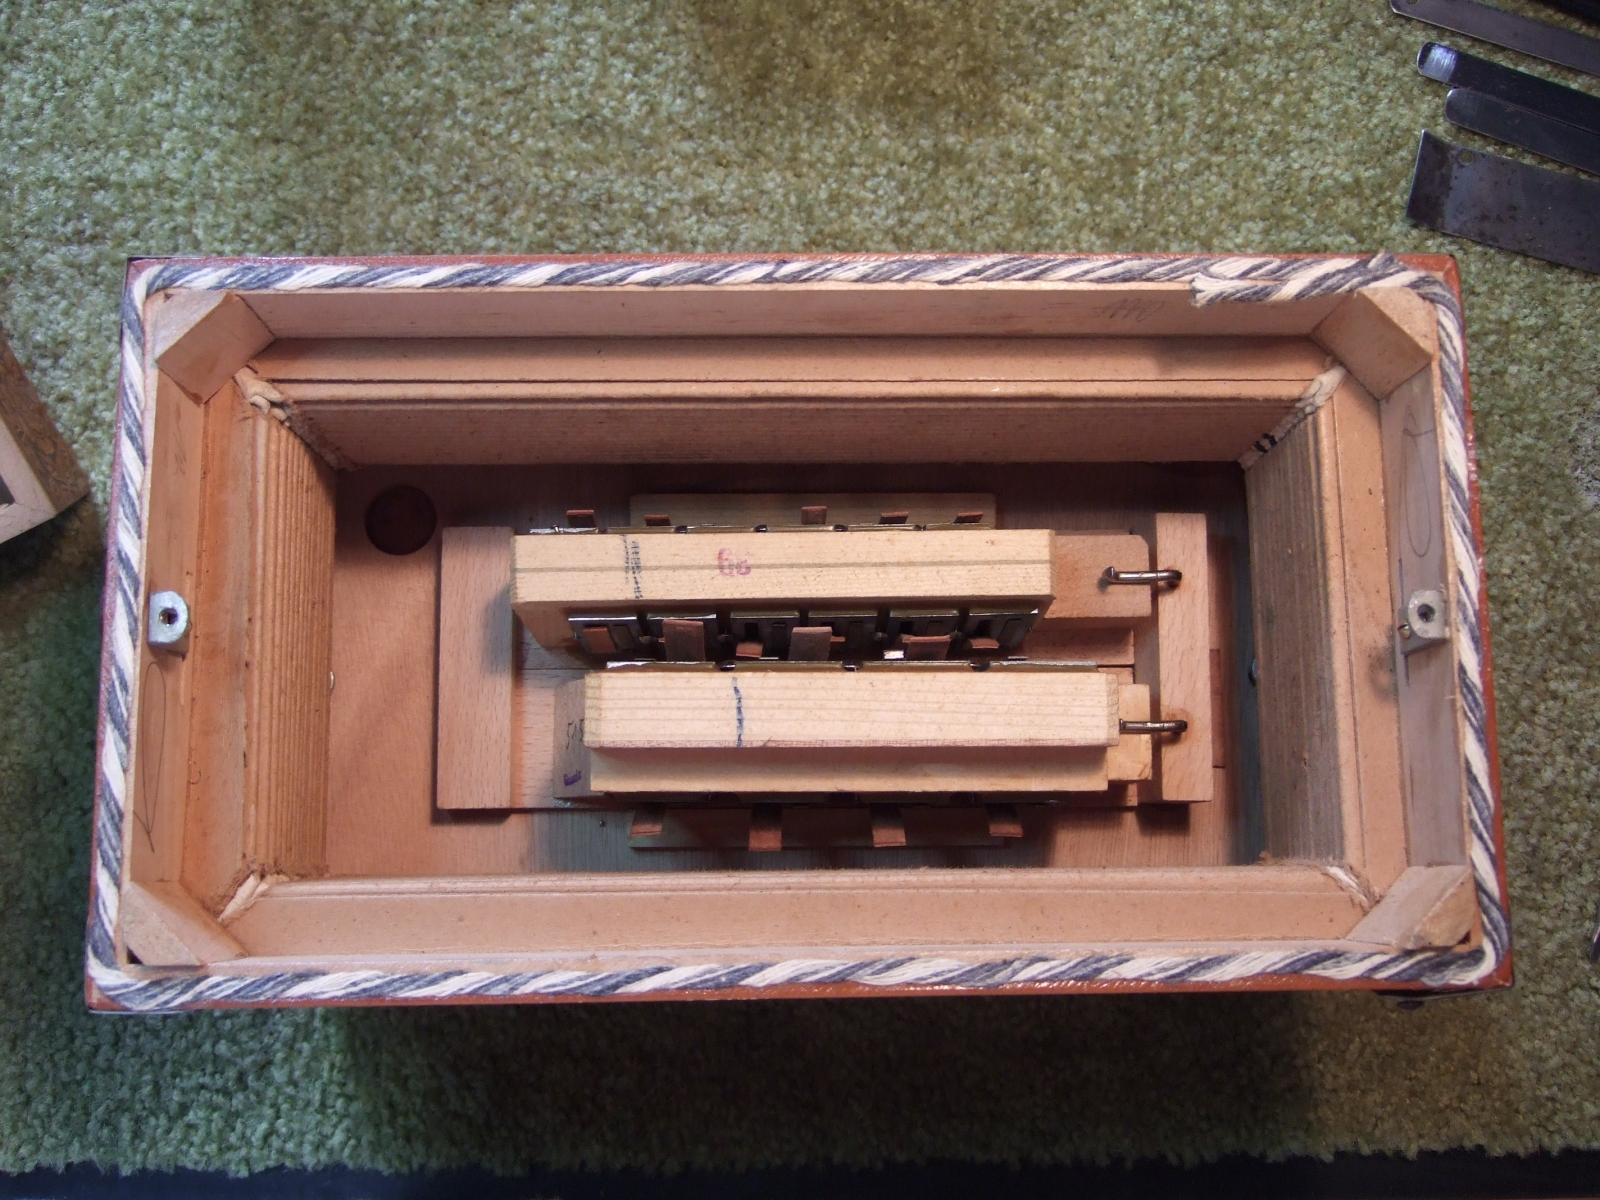 DSCF8456